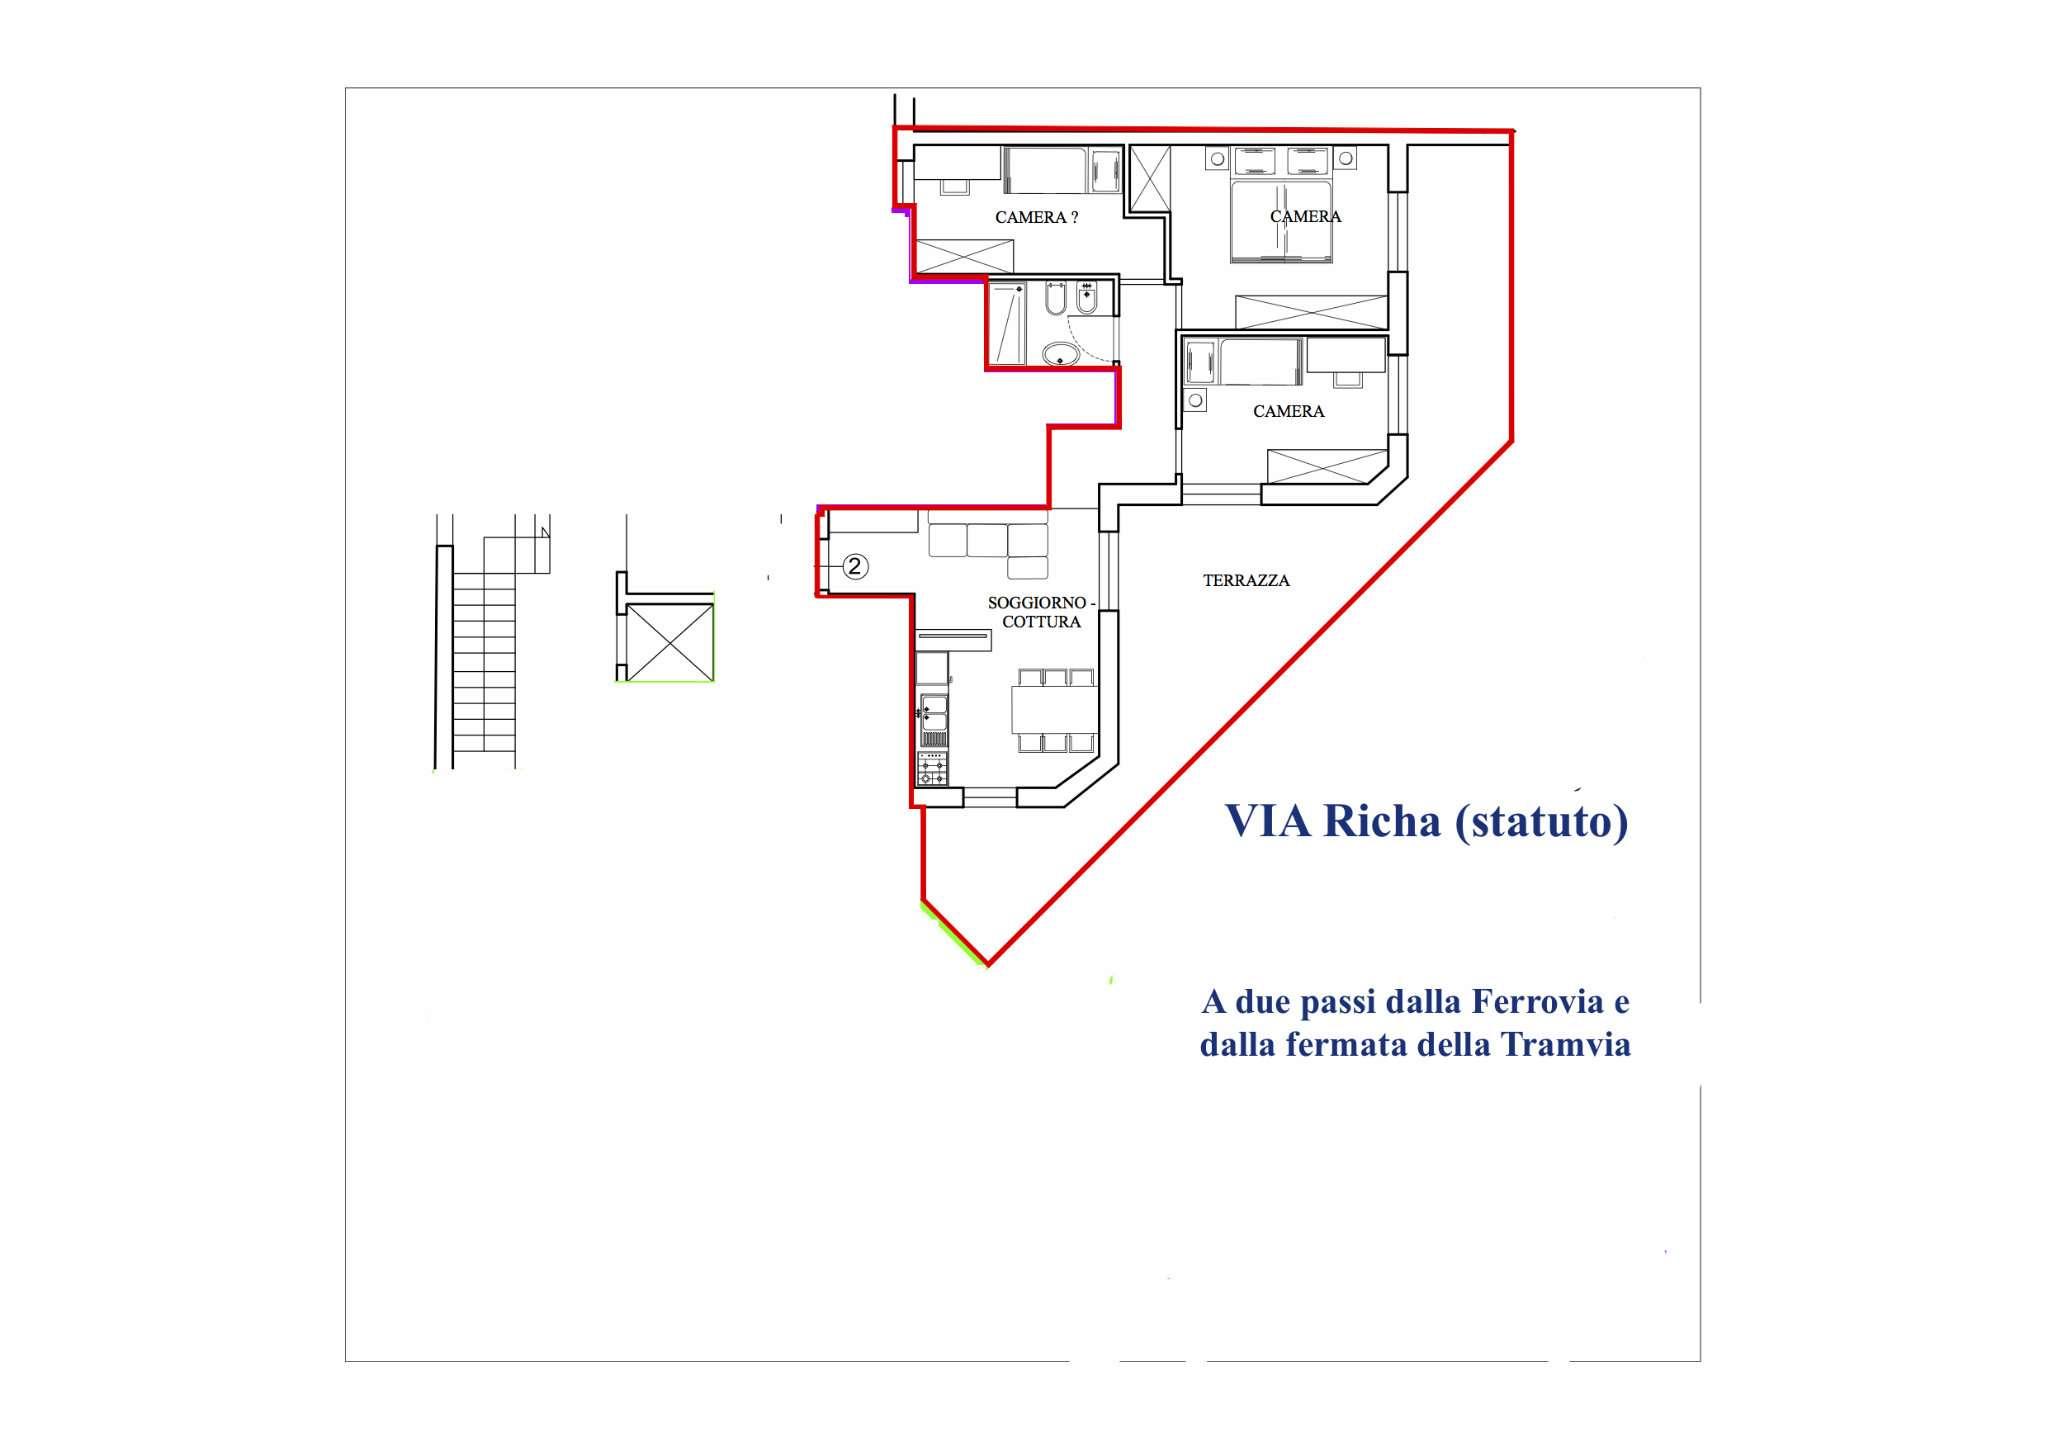 Attico in vendita 4 vani 72 mq.  via Richa Firenze